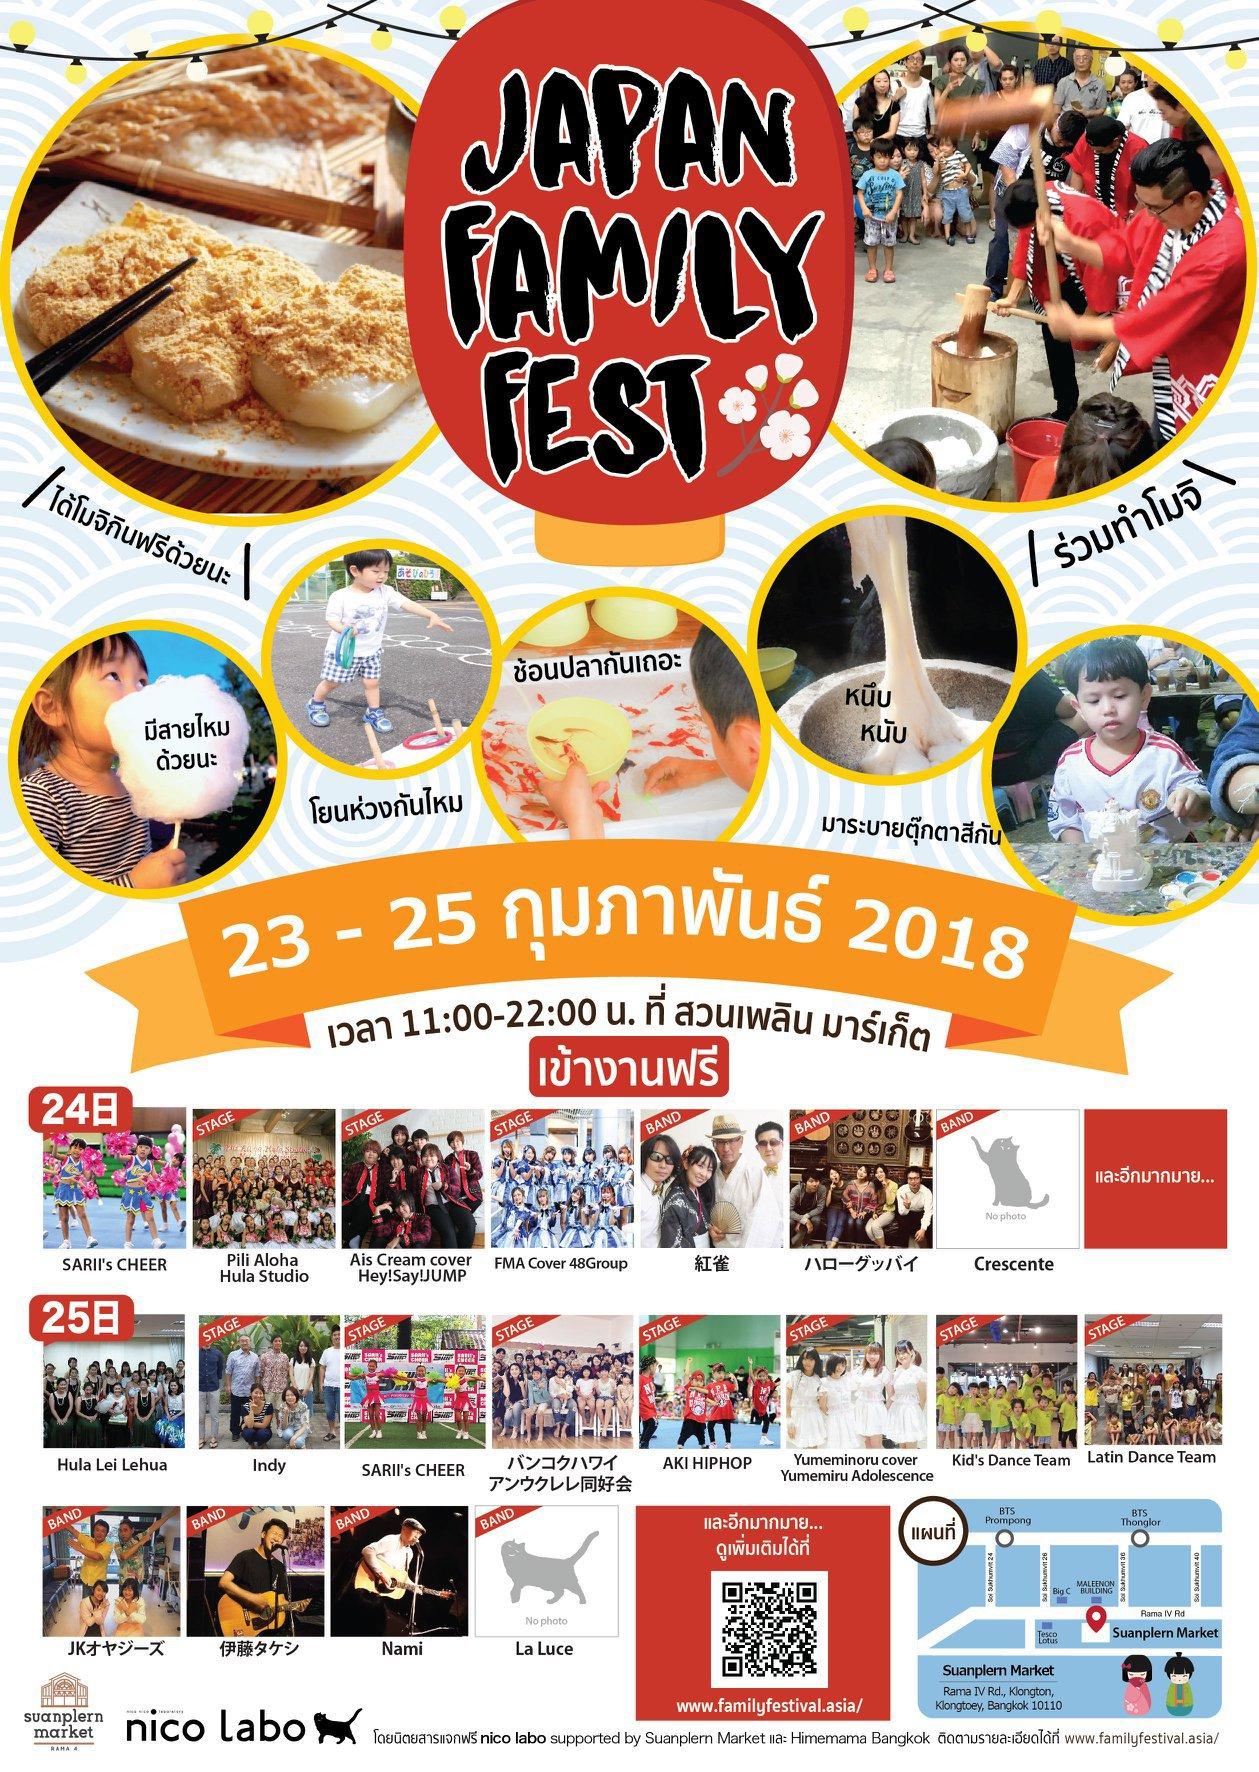 イベントたくさん!おもちも無料!2018年2月23・24・25日(金・土・日)JAPAN FAMIRY FESTIVAL開催!!!